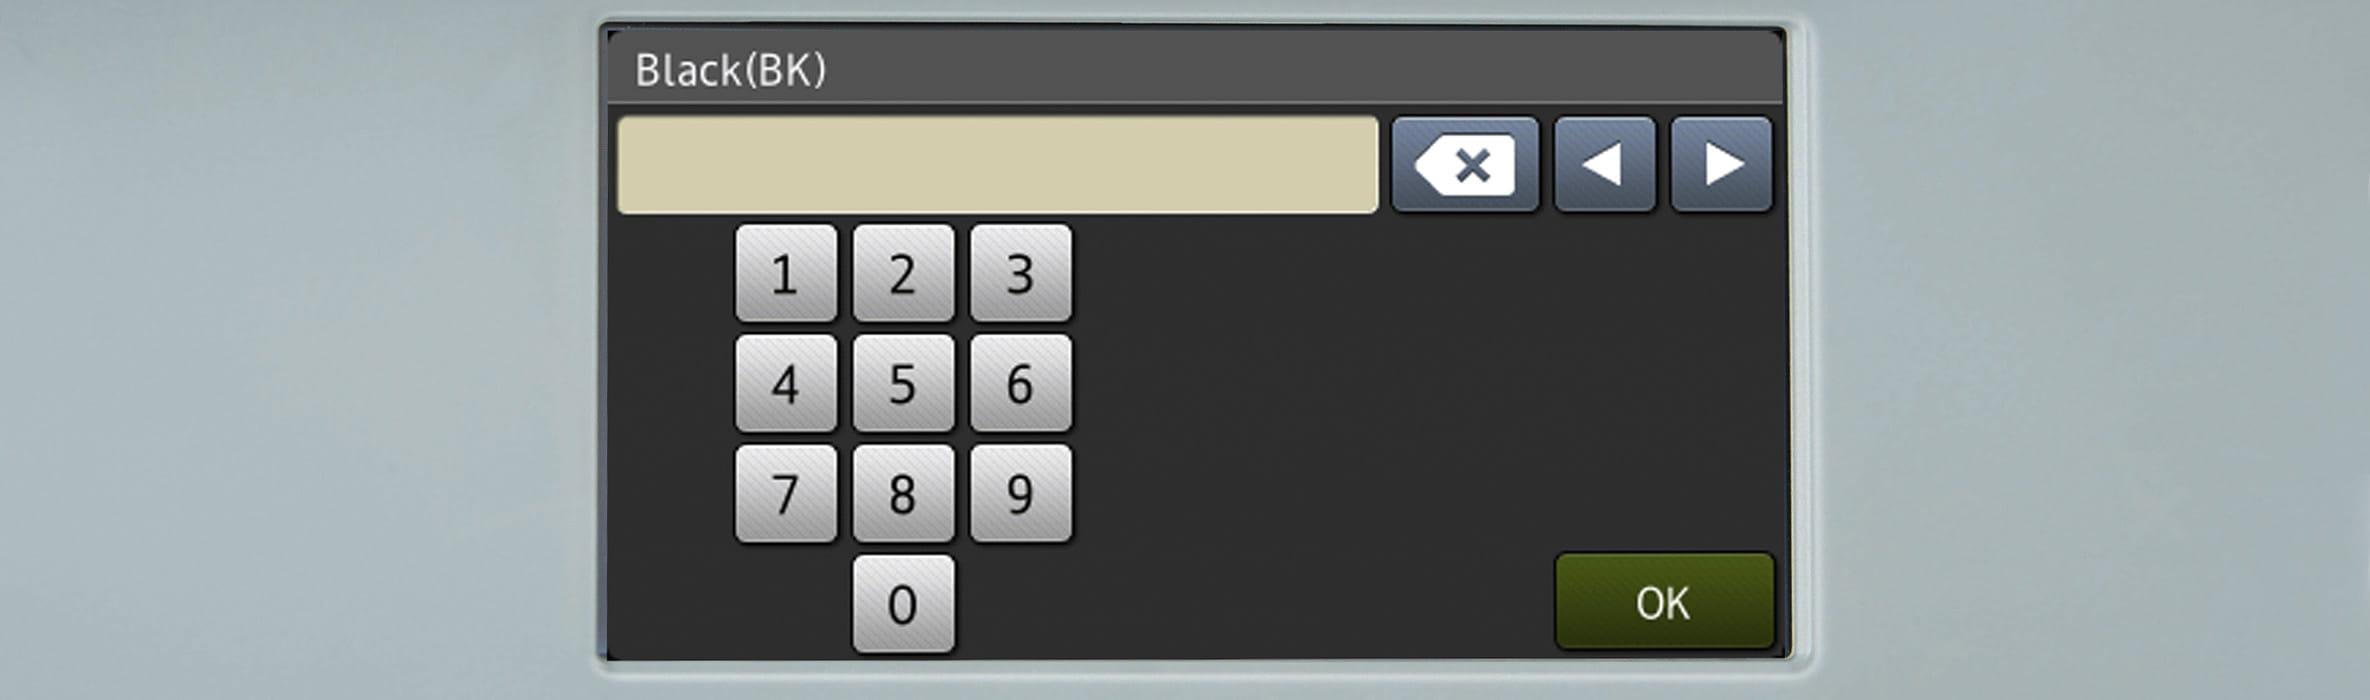 Broj na dodirnom zaslonu na Brother višenamjenskom uređaju s porukom Završeno